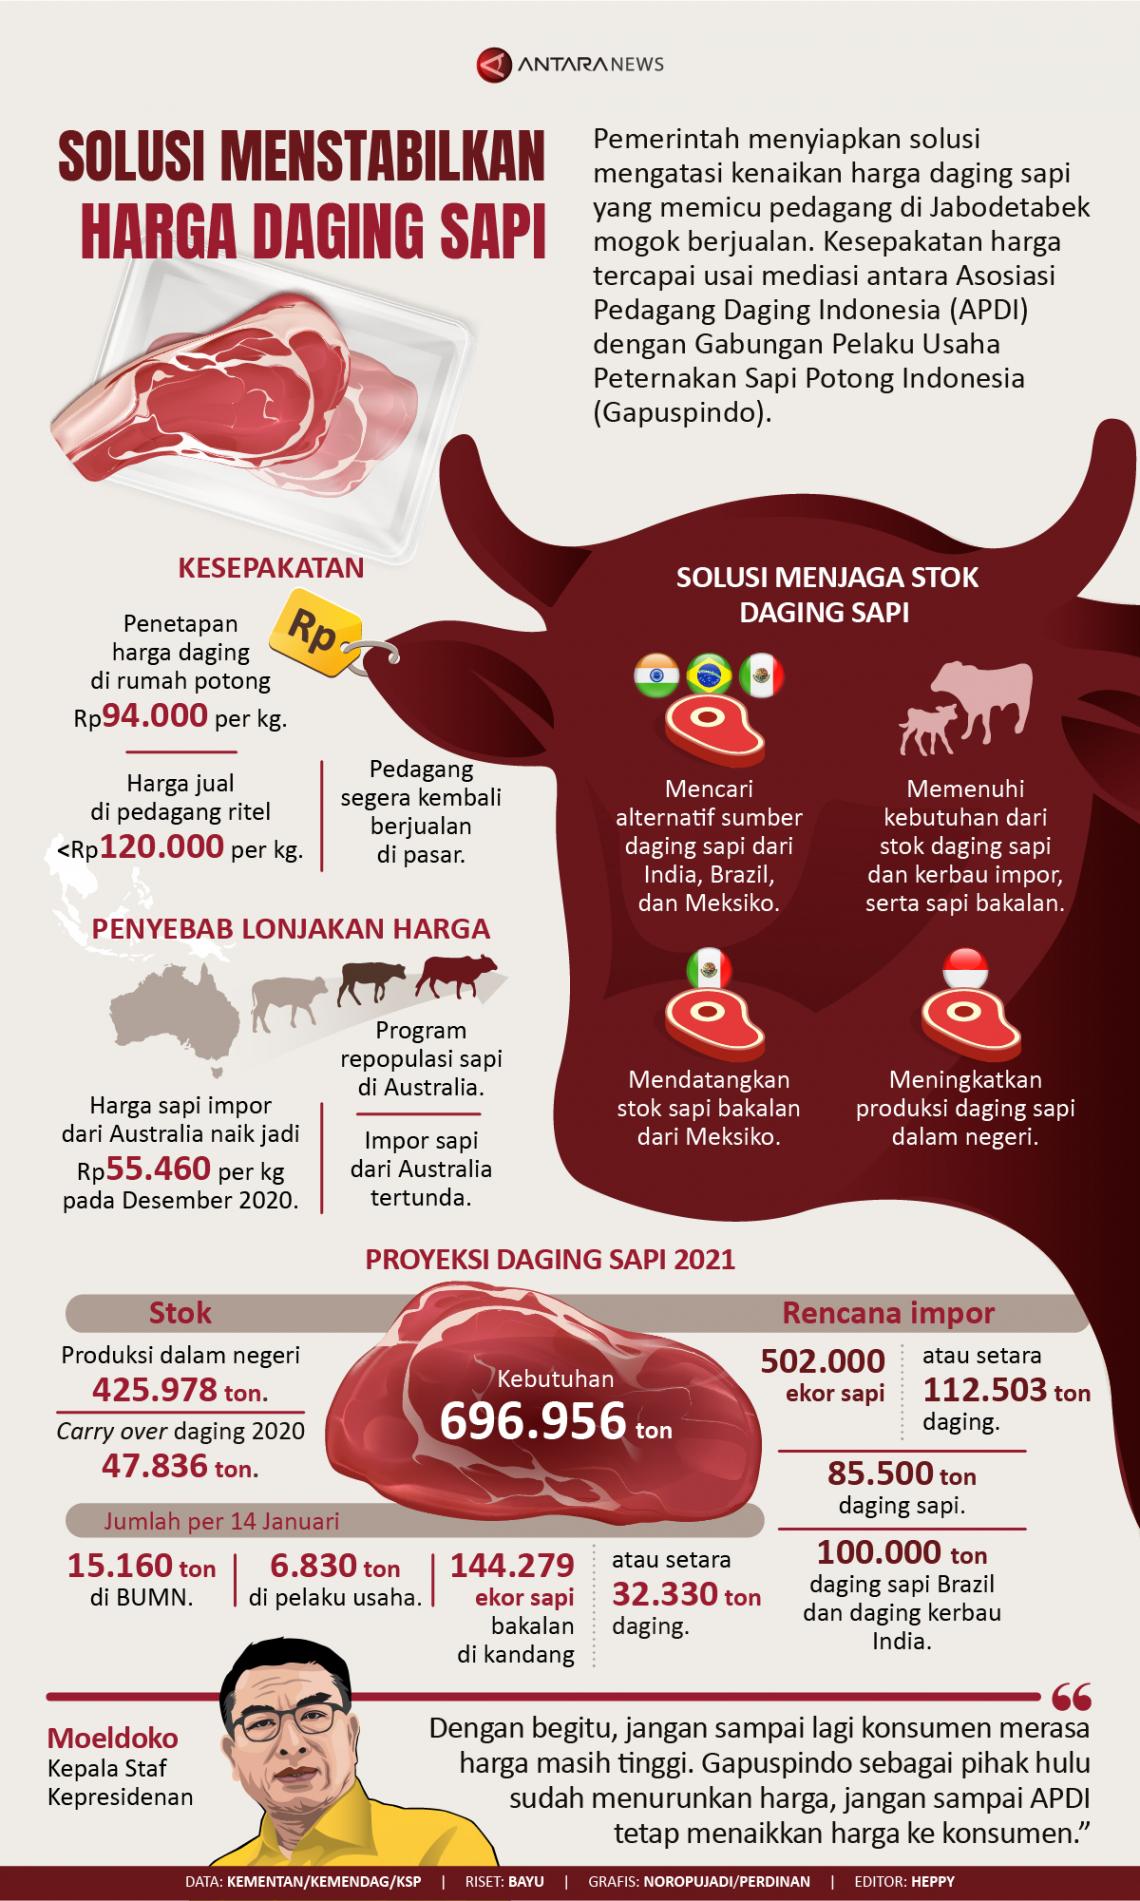 Solusi menstabilkan harga daging sapi